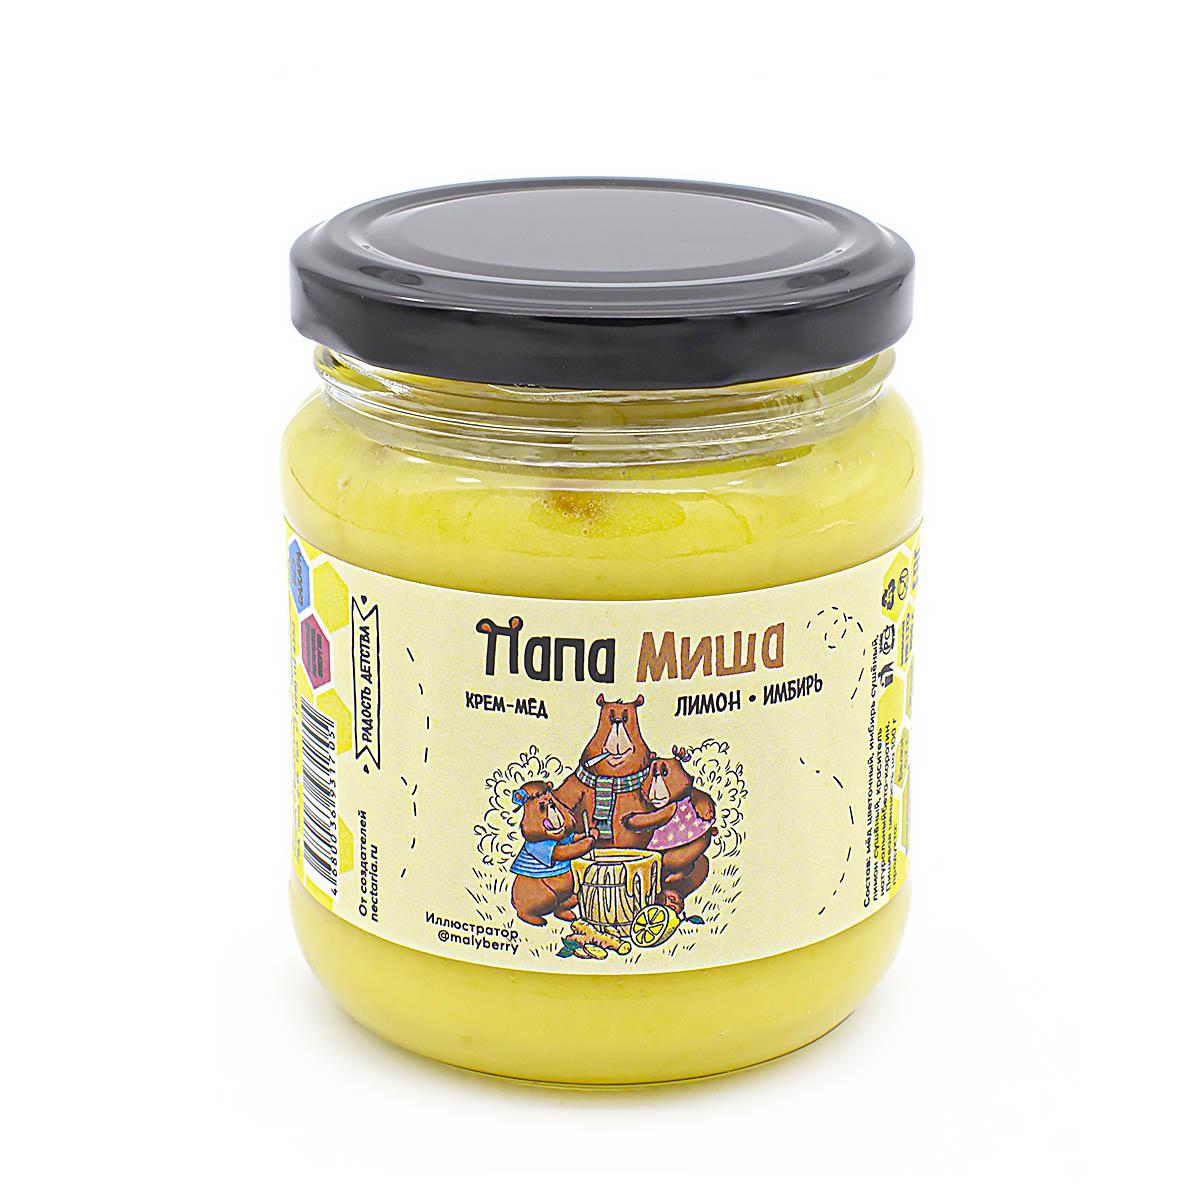 Крем-мёд Папа Миша Лимон-имбирь, 300 г имбирь натуральный gold kili пакетированный 80 г 20 саше